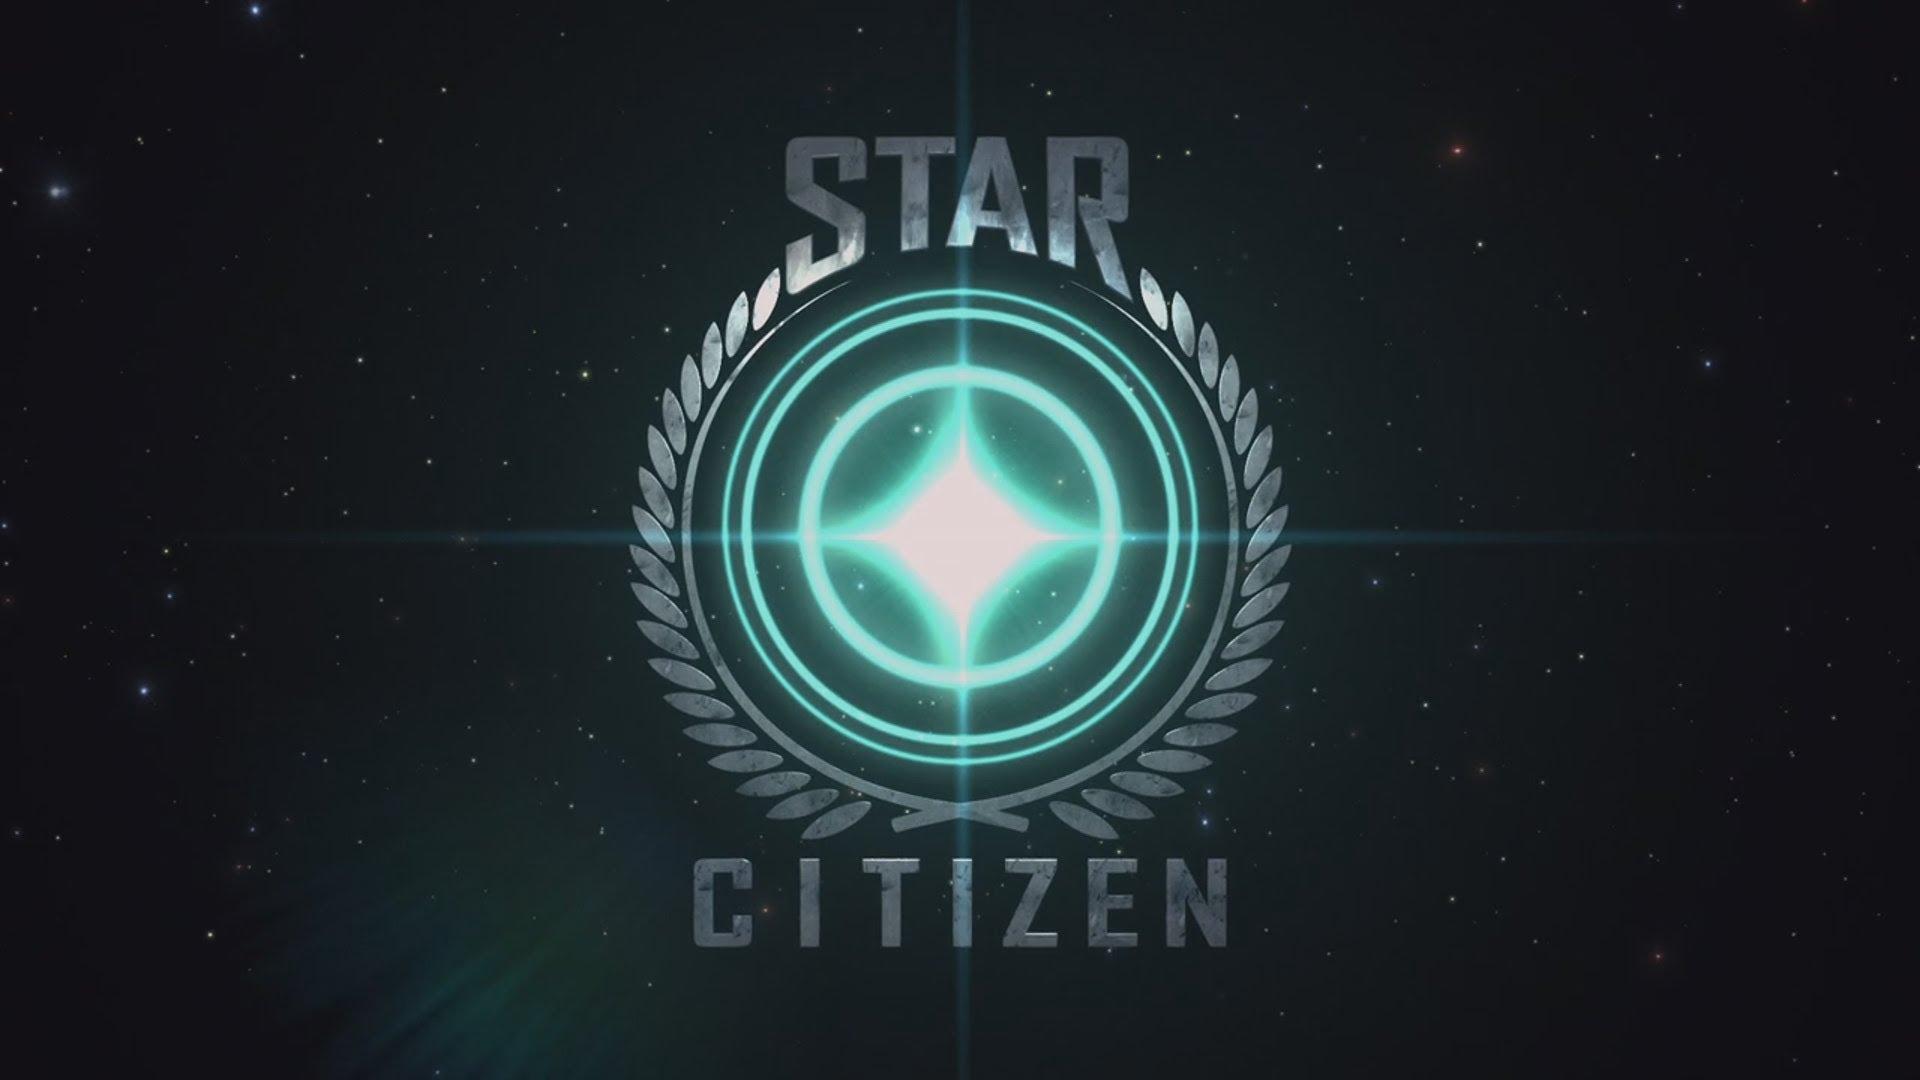 بهروزرسانی جدید Star Citizen با نام Alpha 3.0 تاخیر خورد